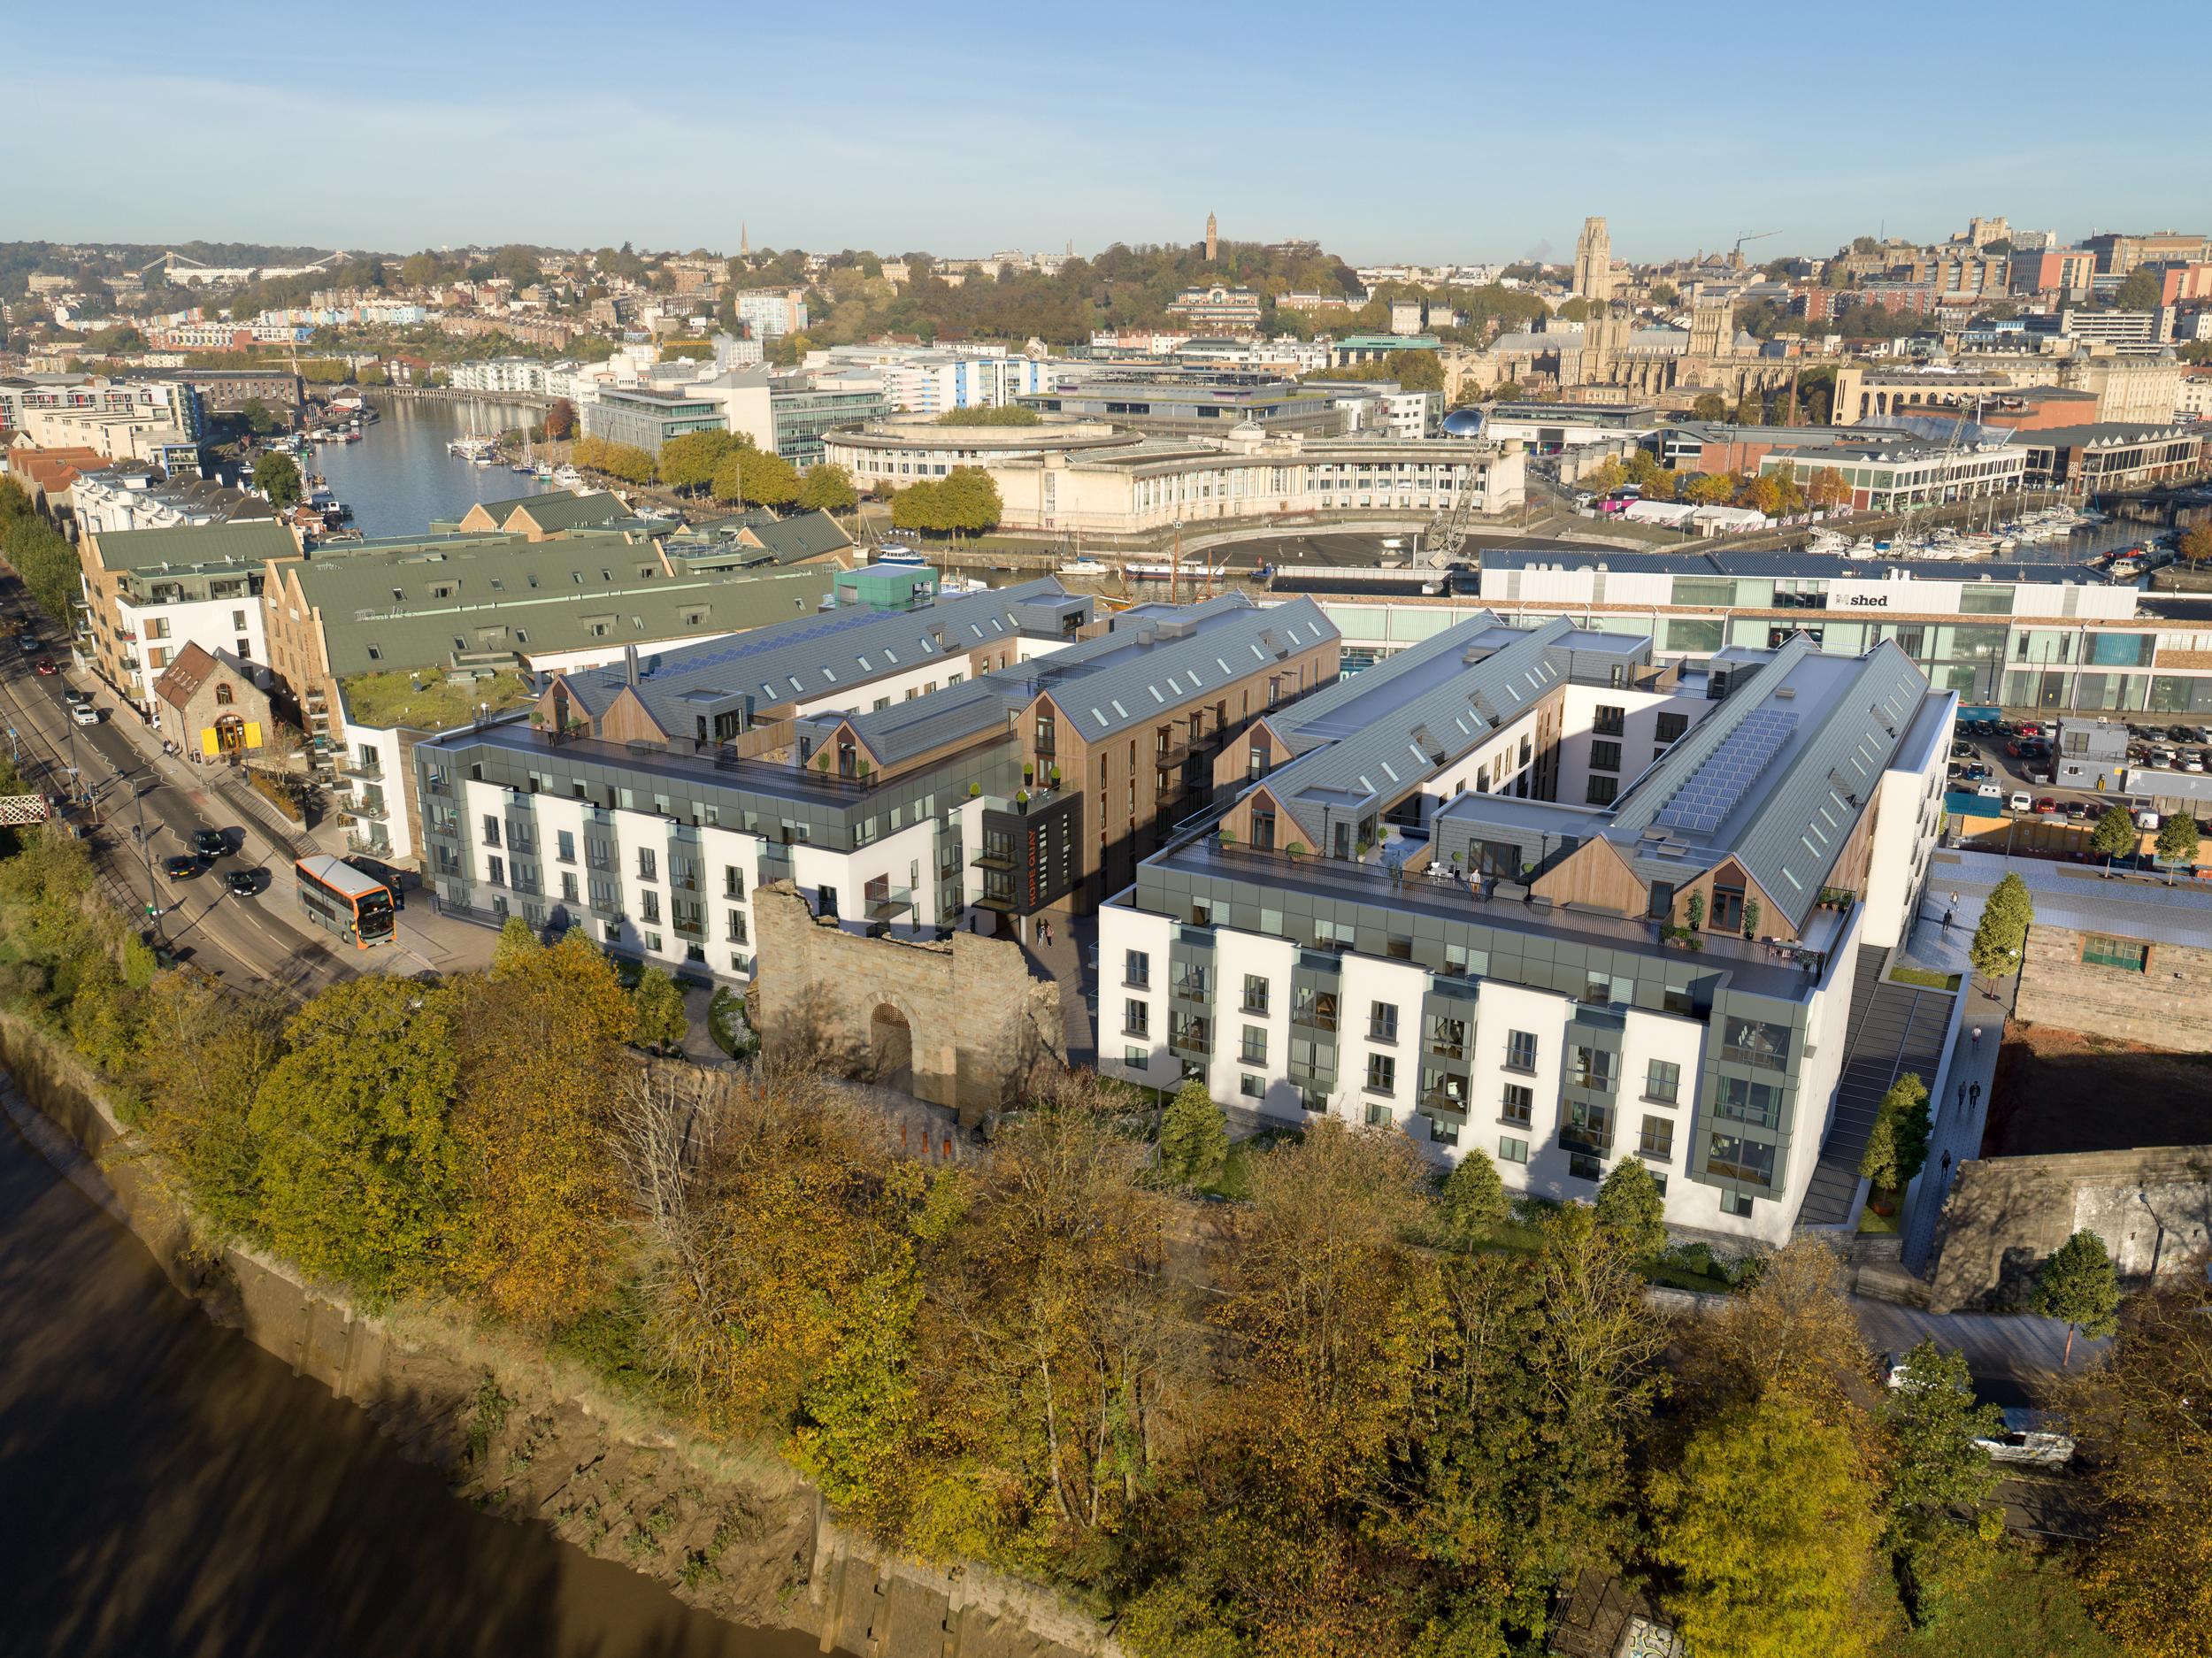 Wapping Wharf Bristol Aerial.jpg